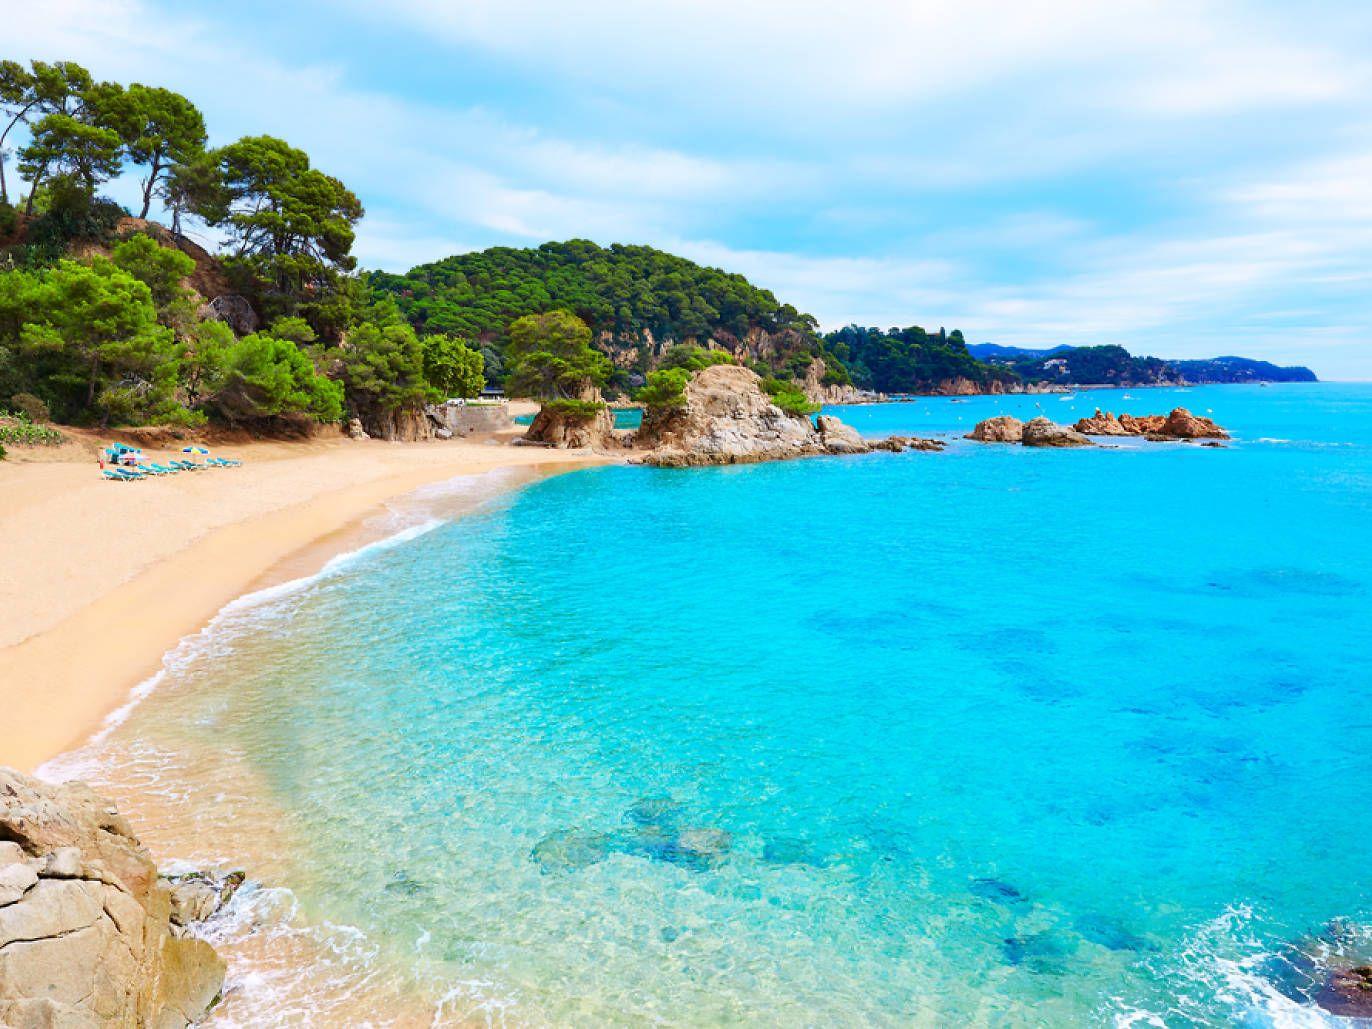 Playa De Treumal Y Otras Playas De La Costa Brava Costa Brava Costa Brava Beach Beach